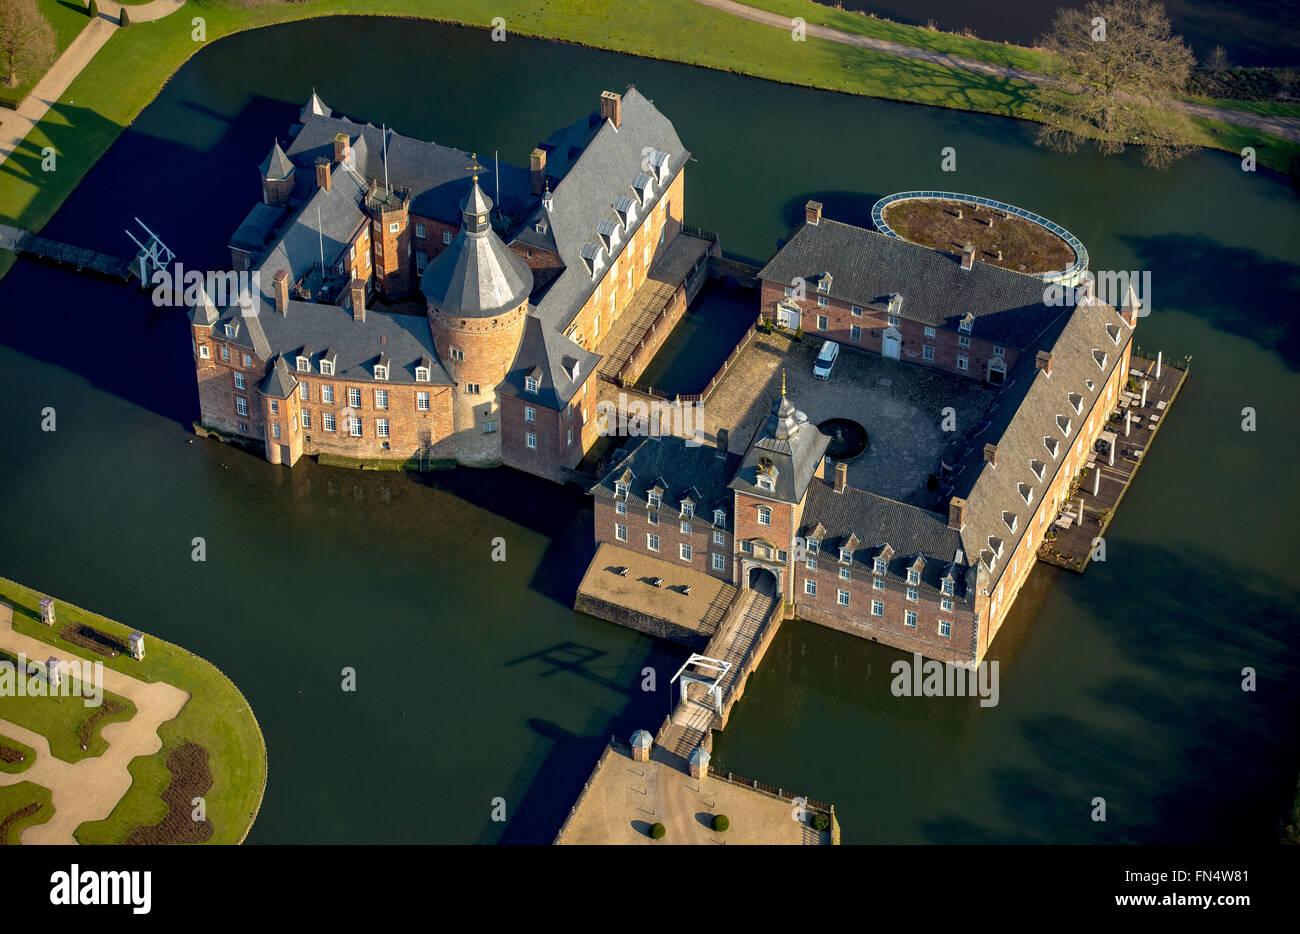 Luftaufnahme, Museum Anholt Schloss, Romantik Parkhotel Wasserburg Anholt, Burg, zurück, zurück, Niederrhein, Stockfoto